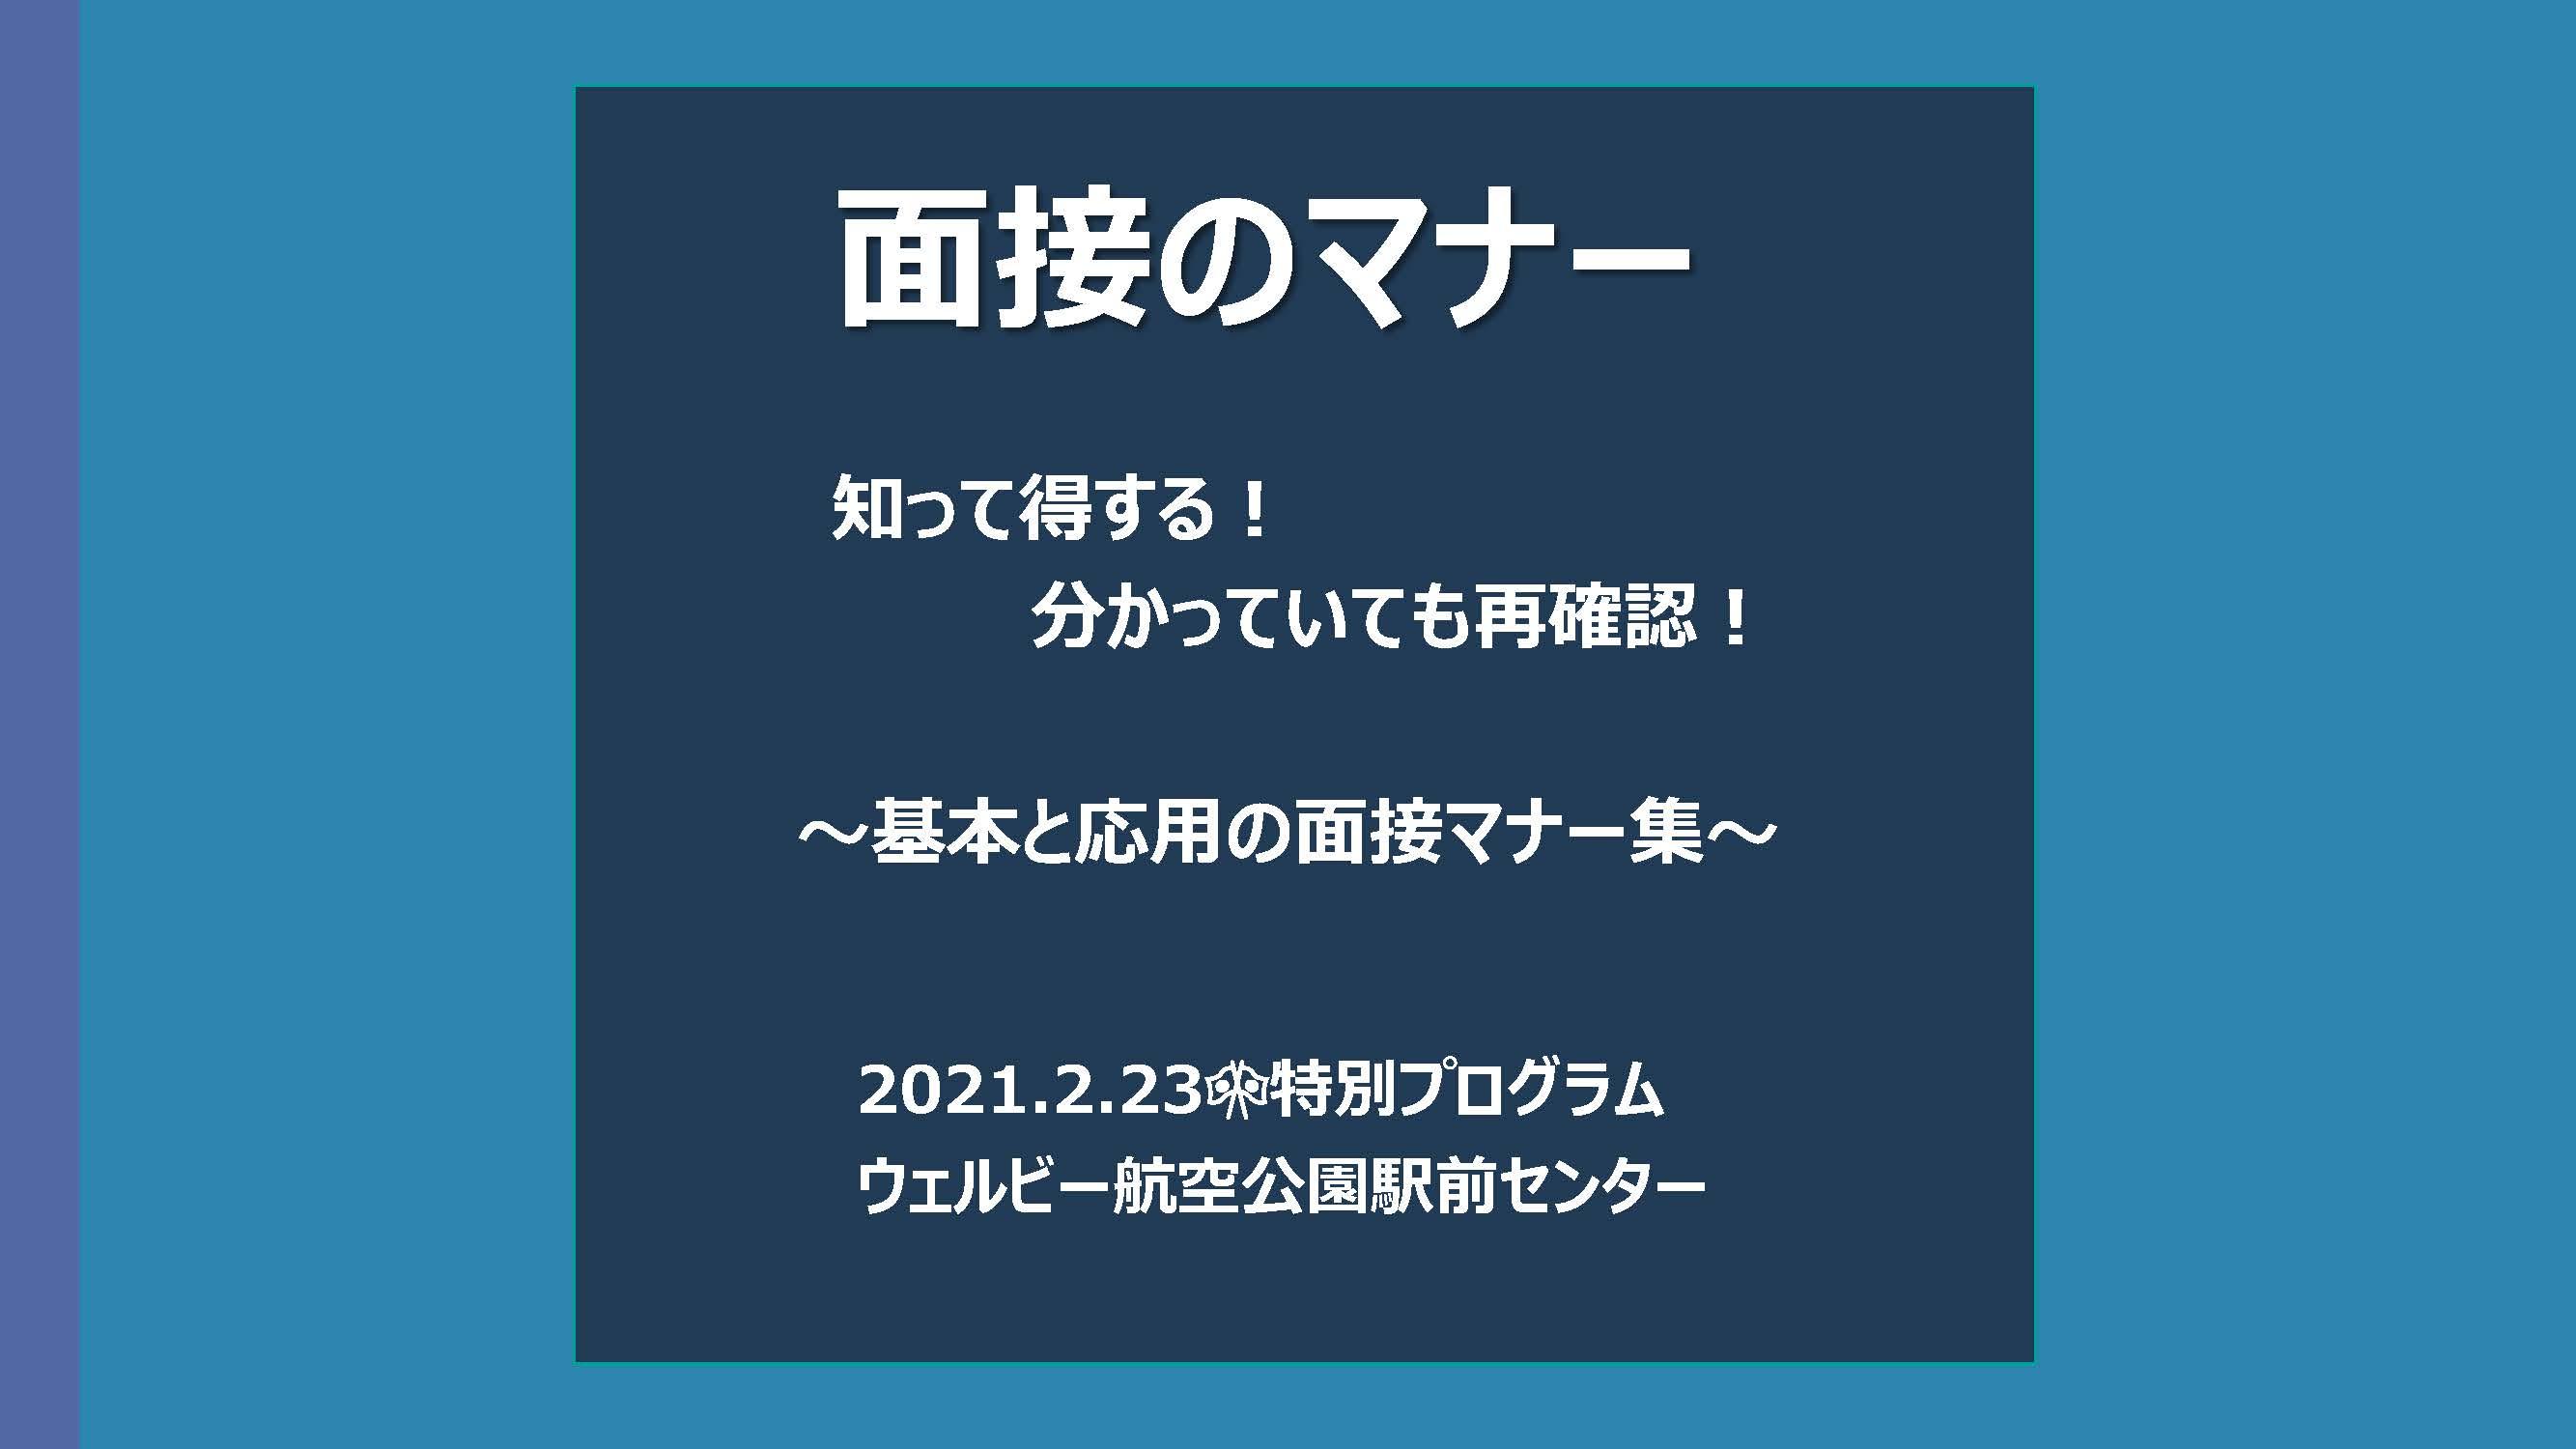 面接のマナー【ブログ掲載用】_ページ_1